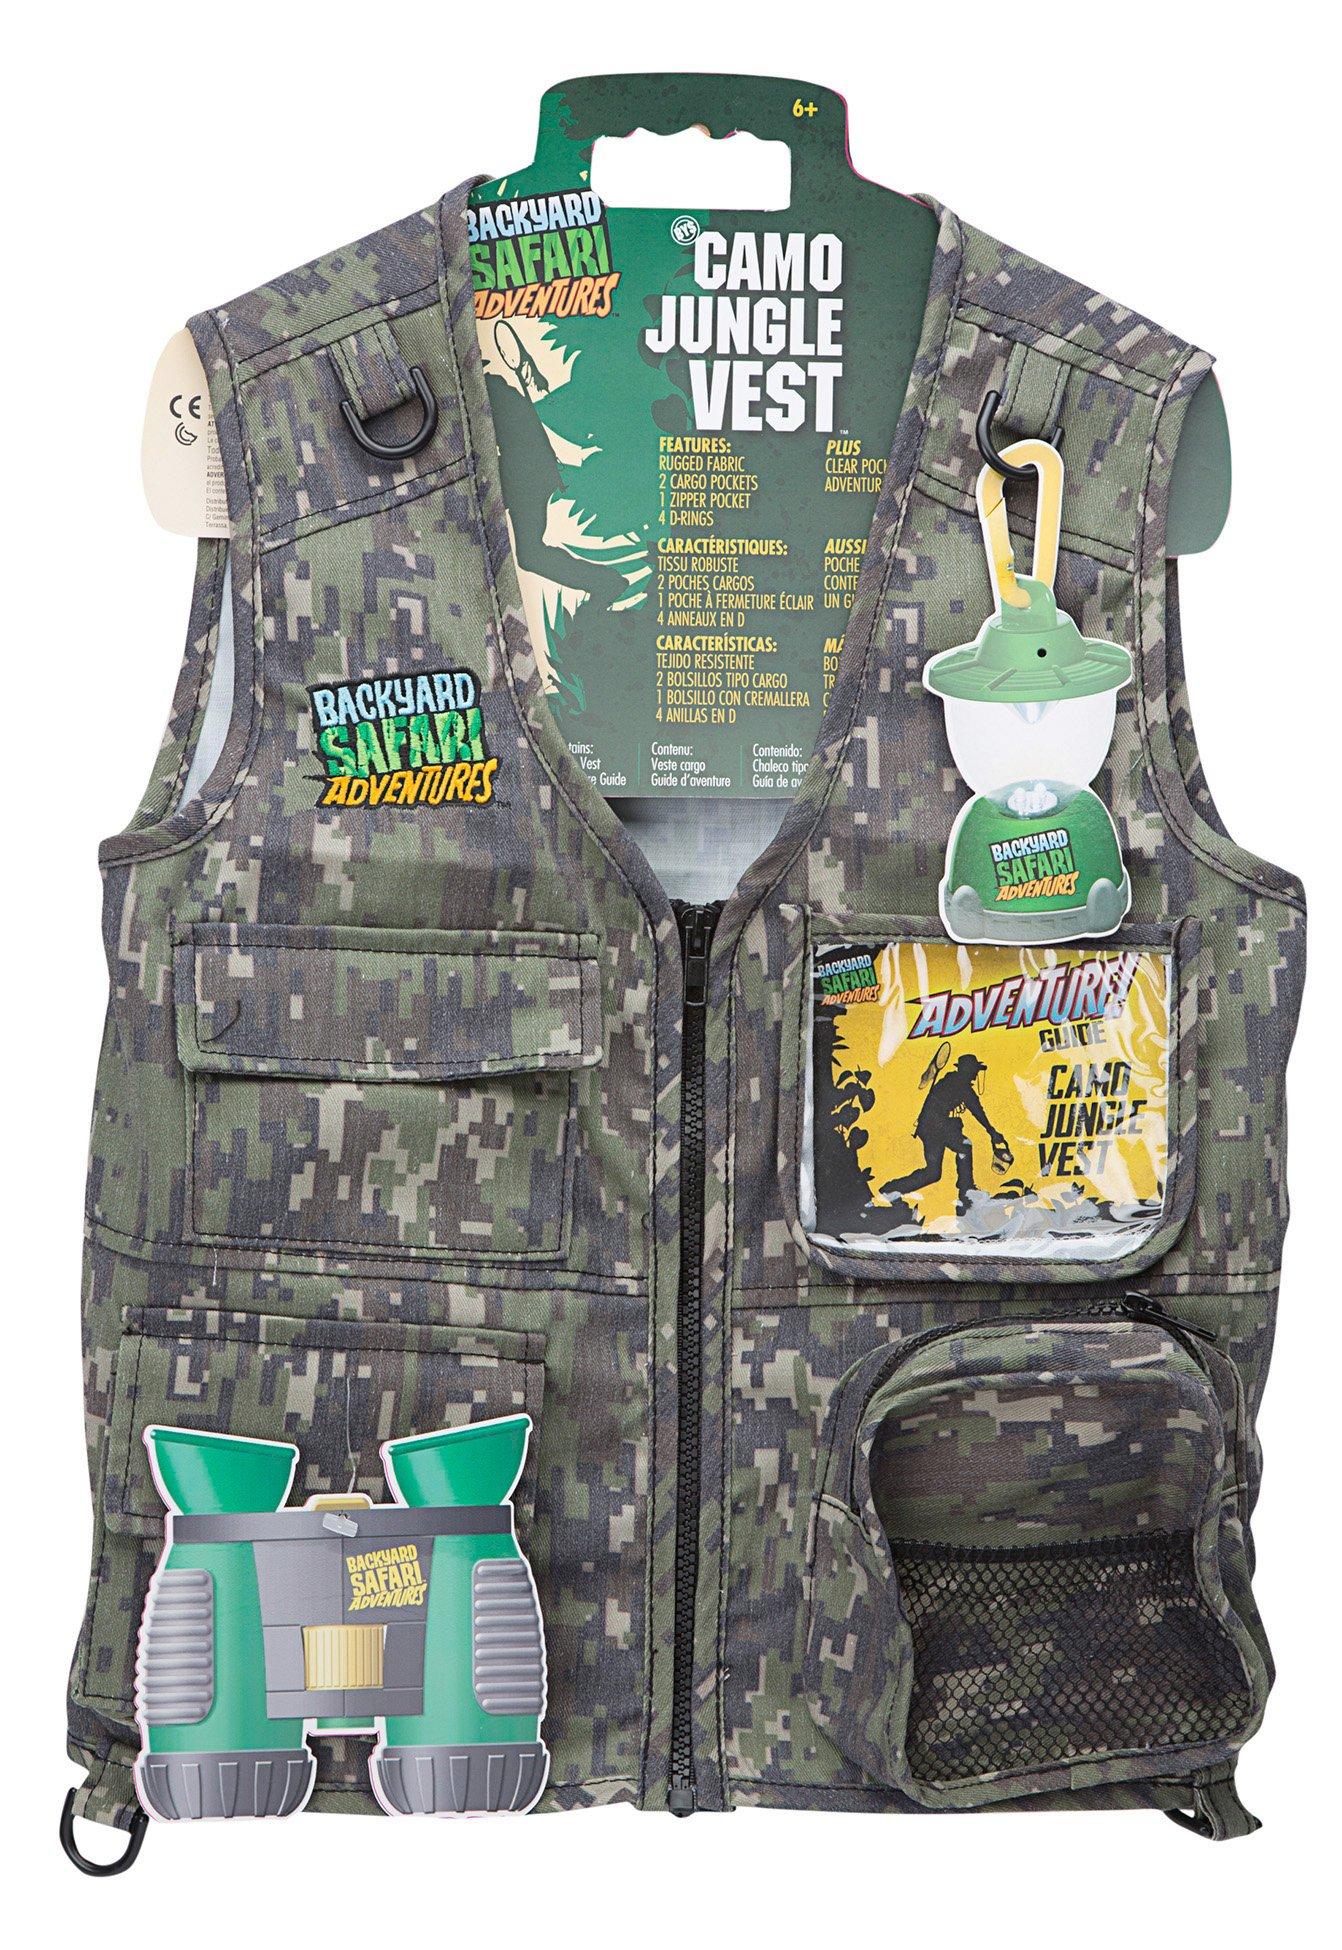 Backyard Safari Jungle Camo Cargo Vest by Backyard Safari Company